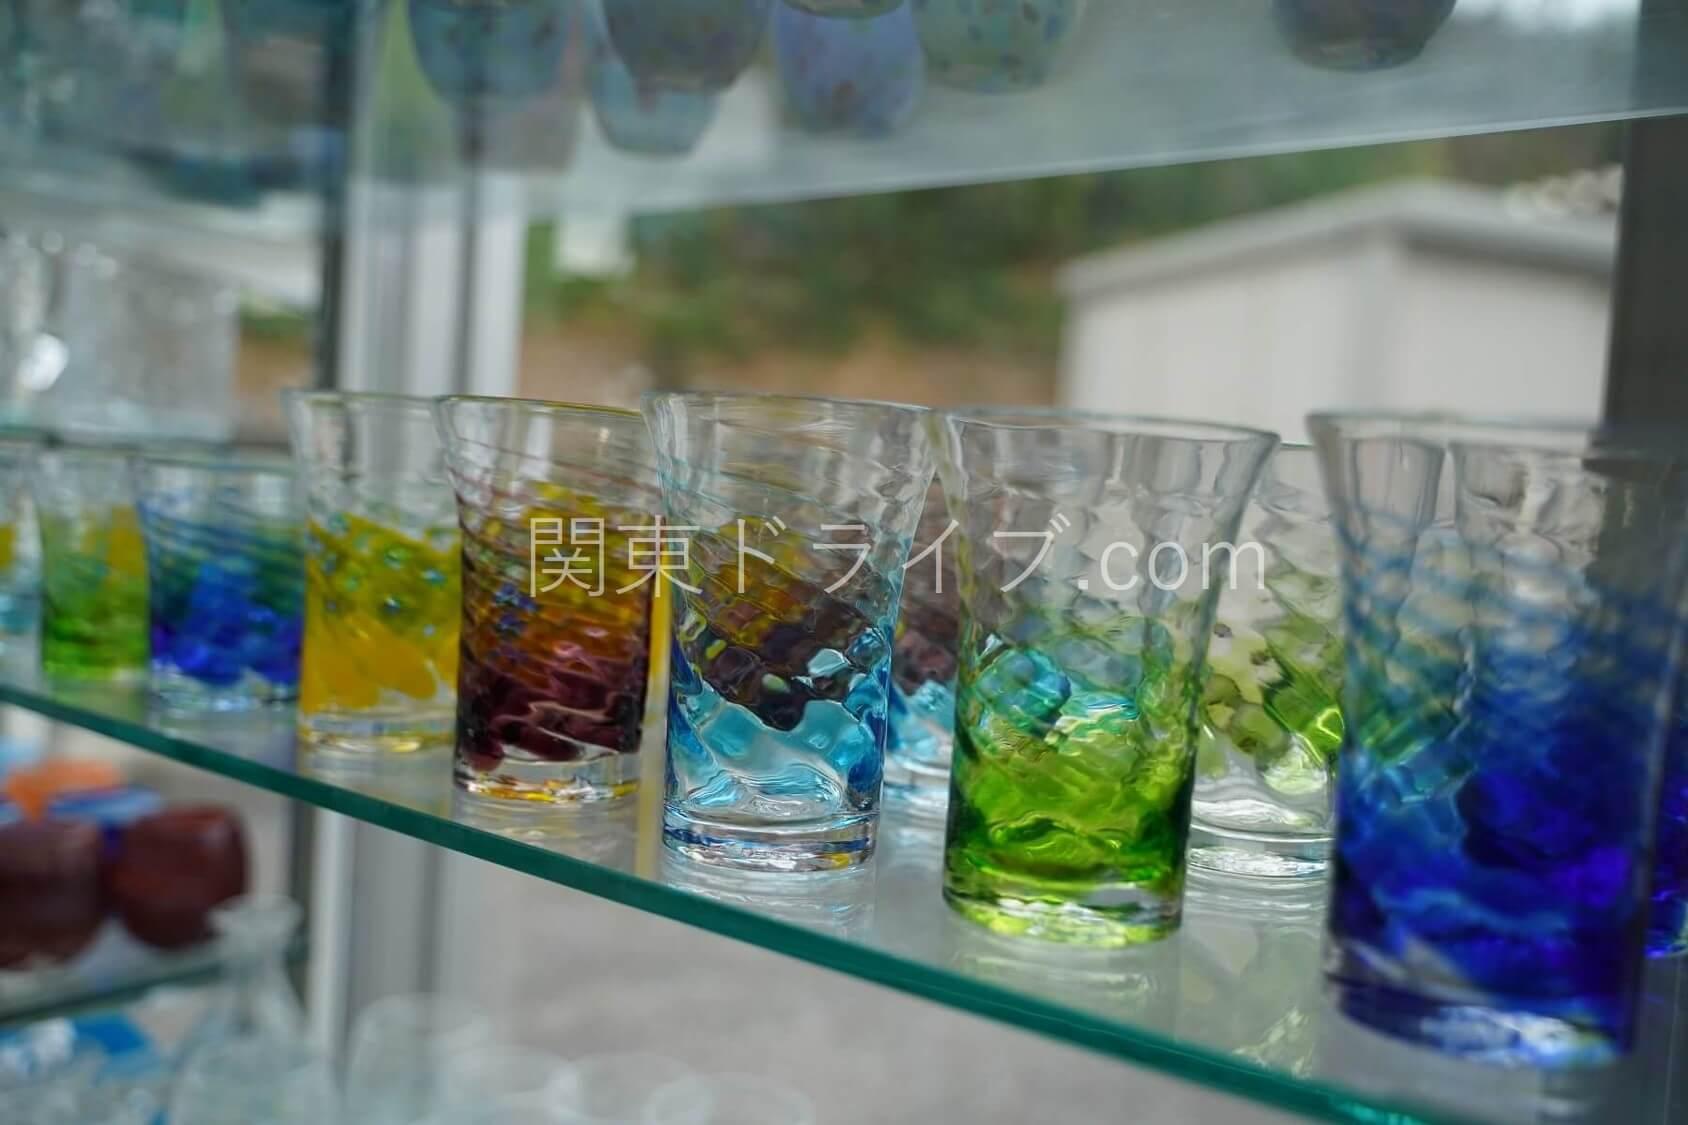 「匠工房」の琉球ガラス4